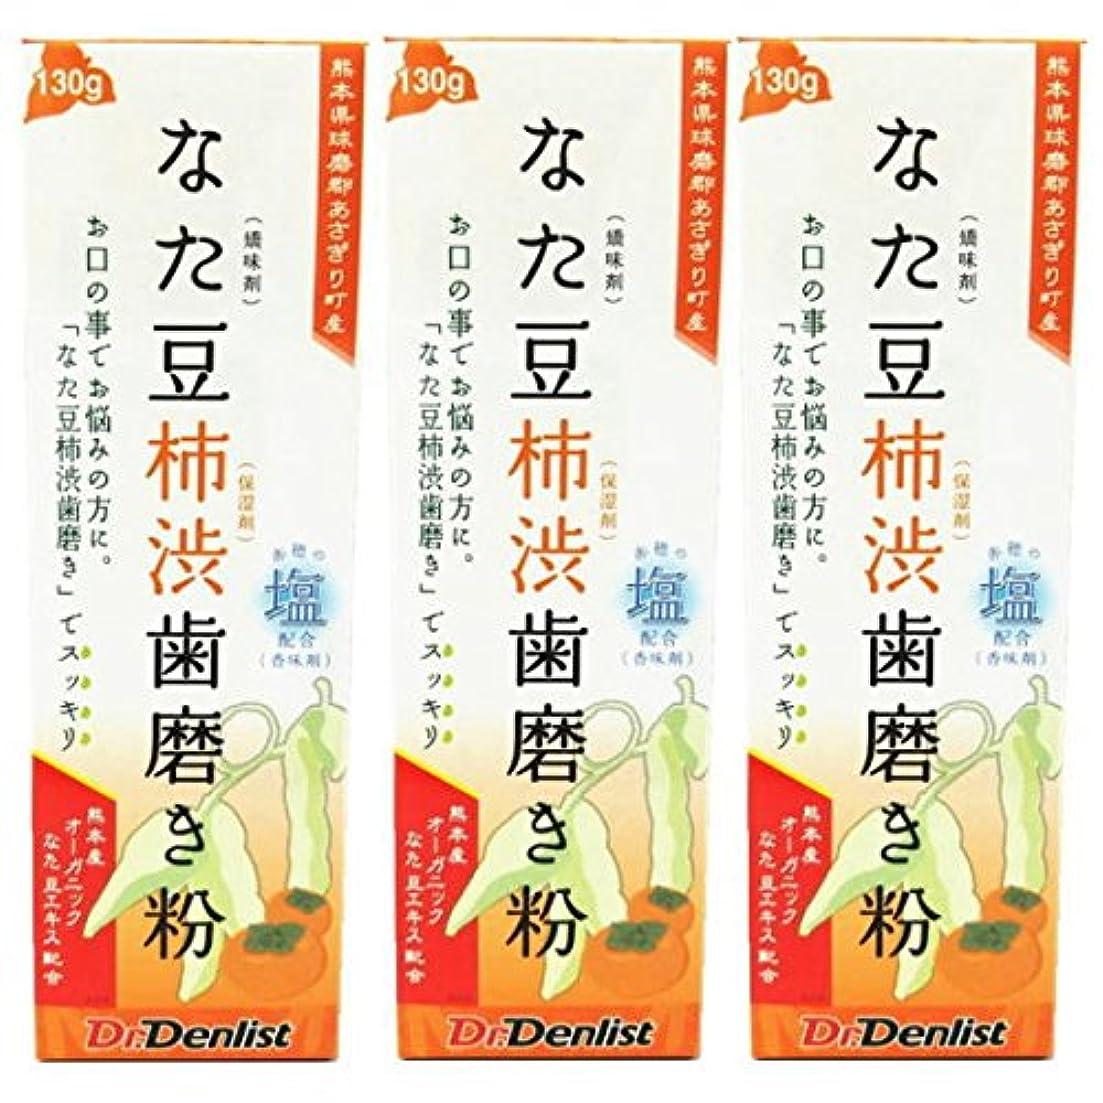 値家具アラームなた豆柿渋歯磨き 130g 3個セット 国産 有機なた豆使用 赤穂の塩配合(香味剤)